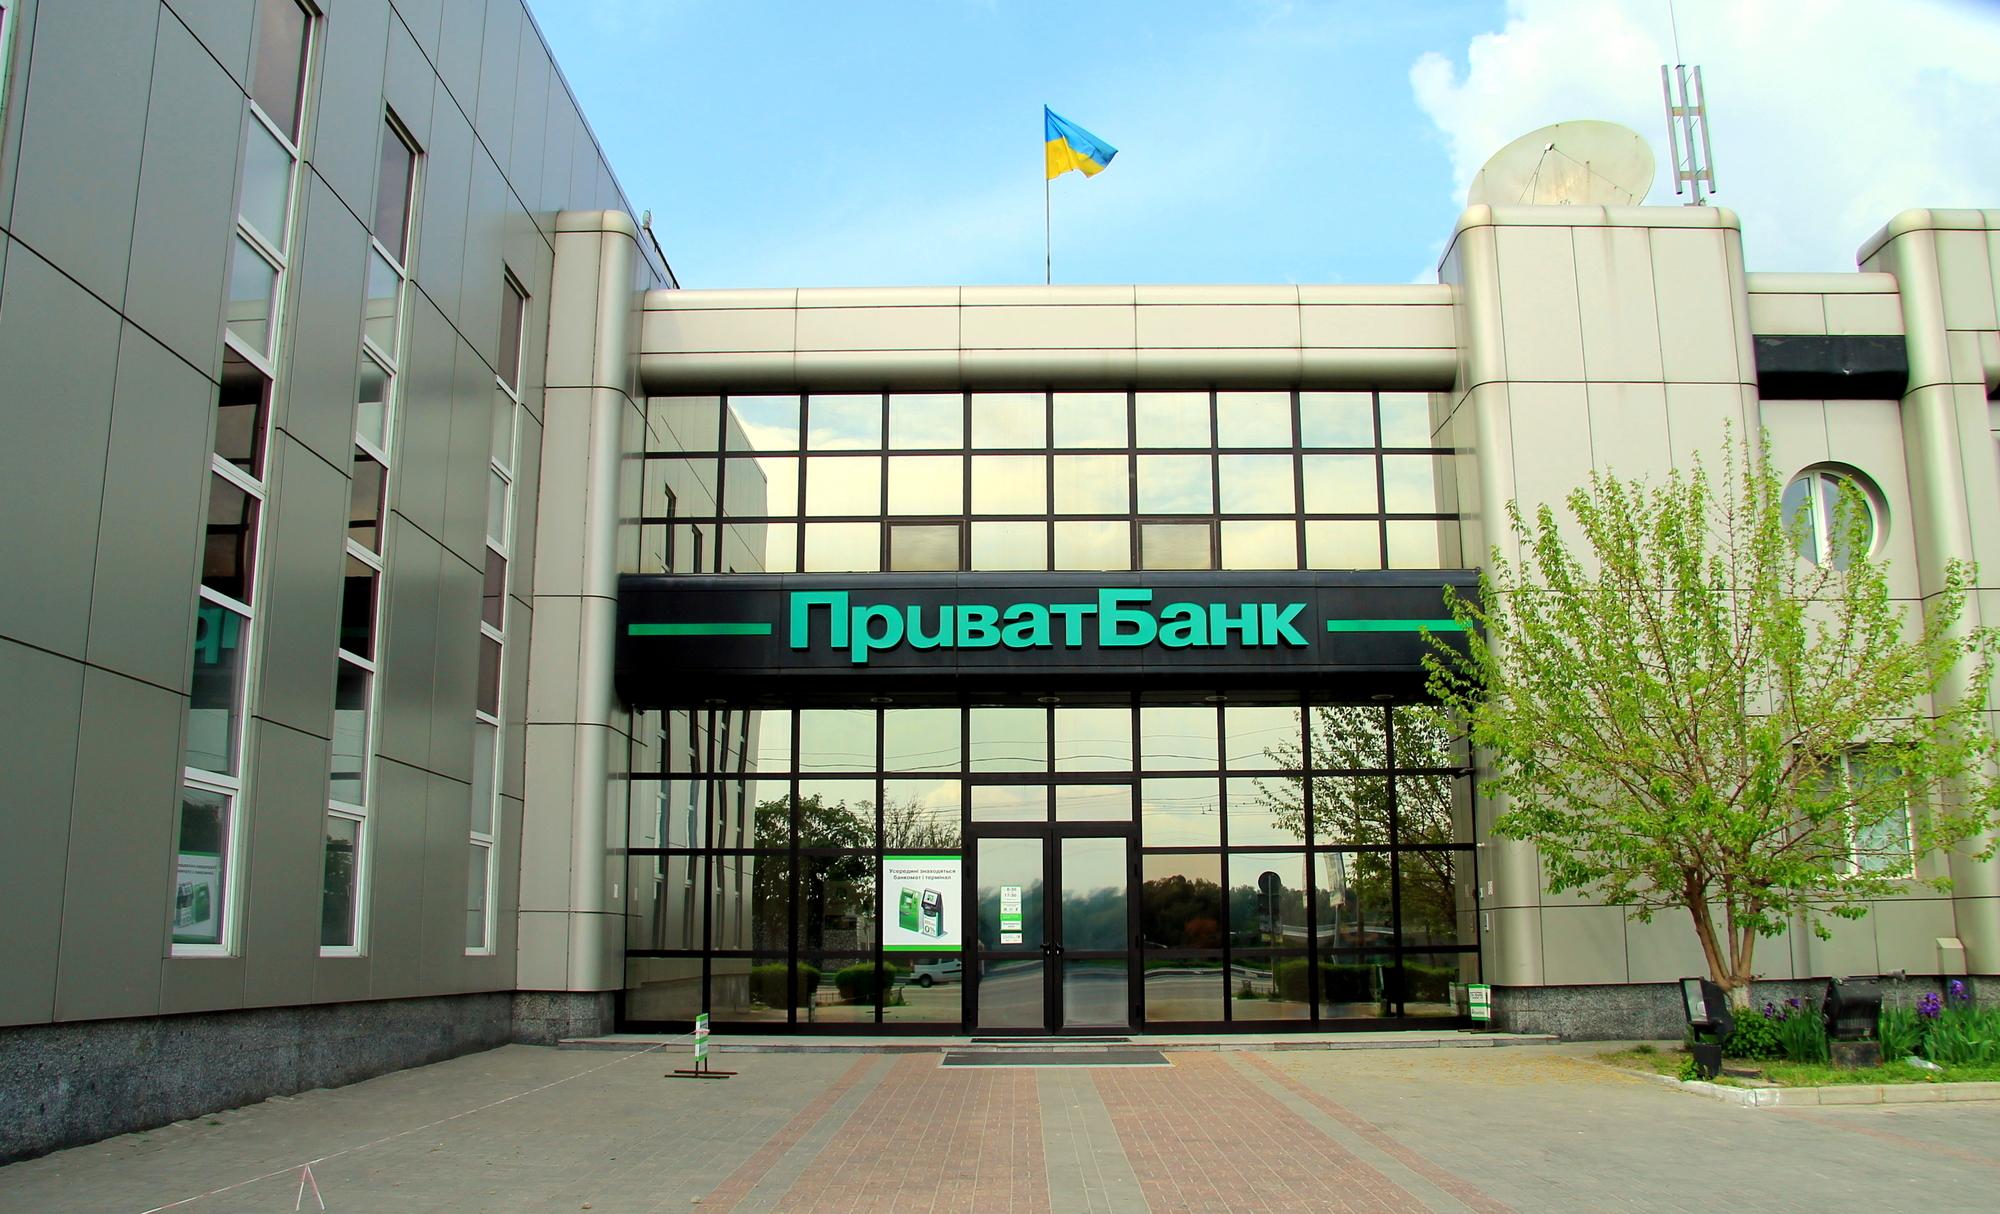 Здание главного офиса ПриватБанка в Днепре (Фото: depositphotos.com)